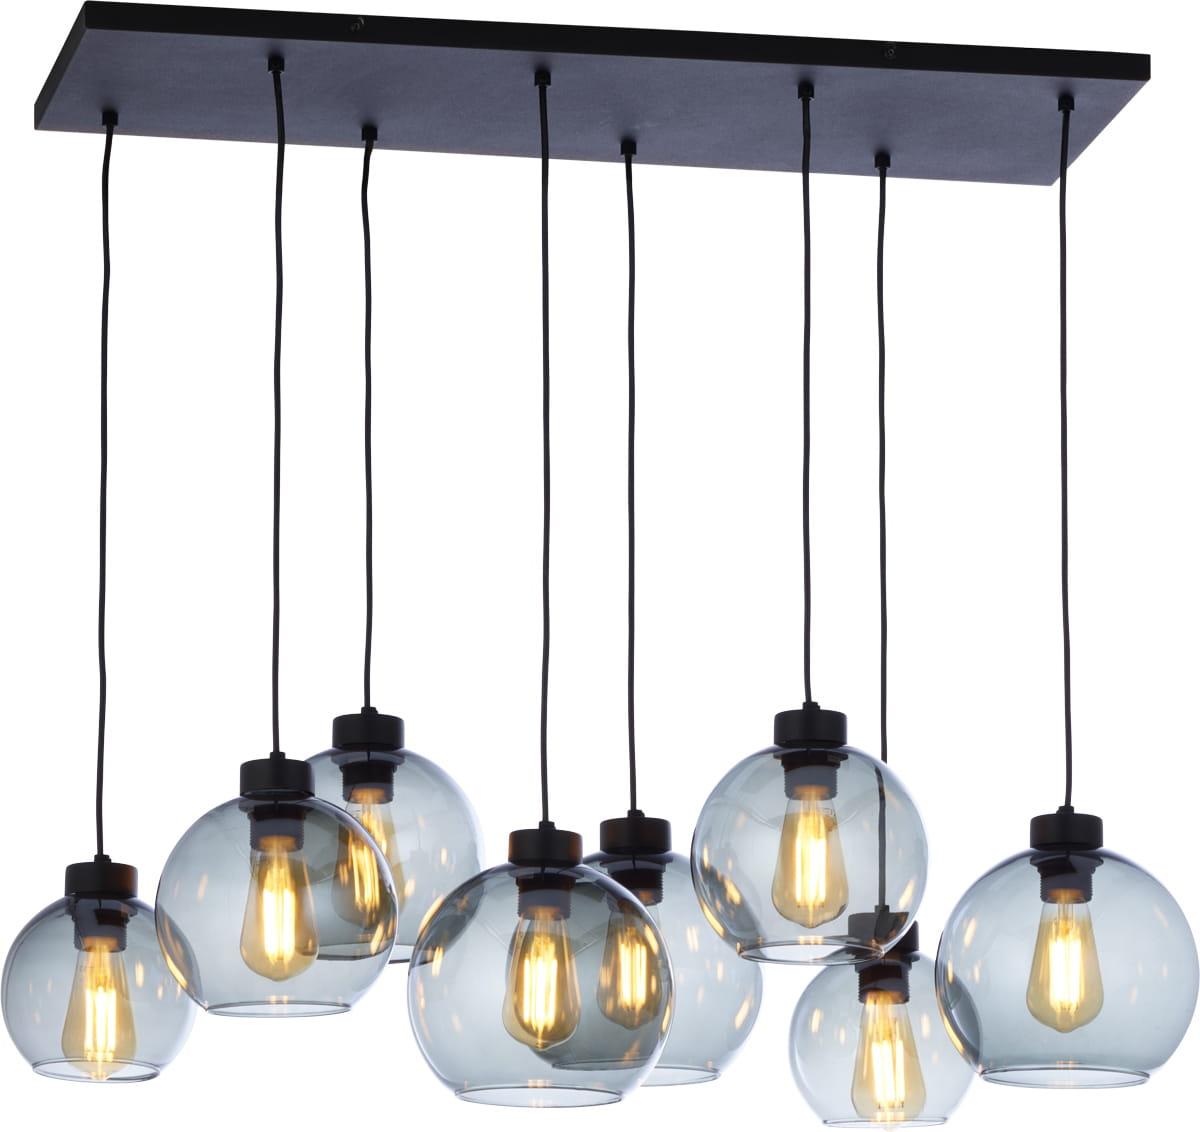 TK Lighting TK-4113 Cubus függeszték